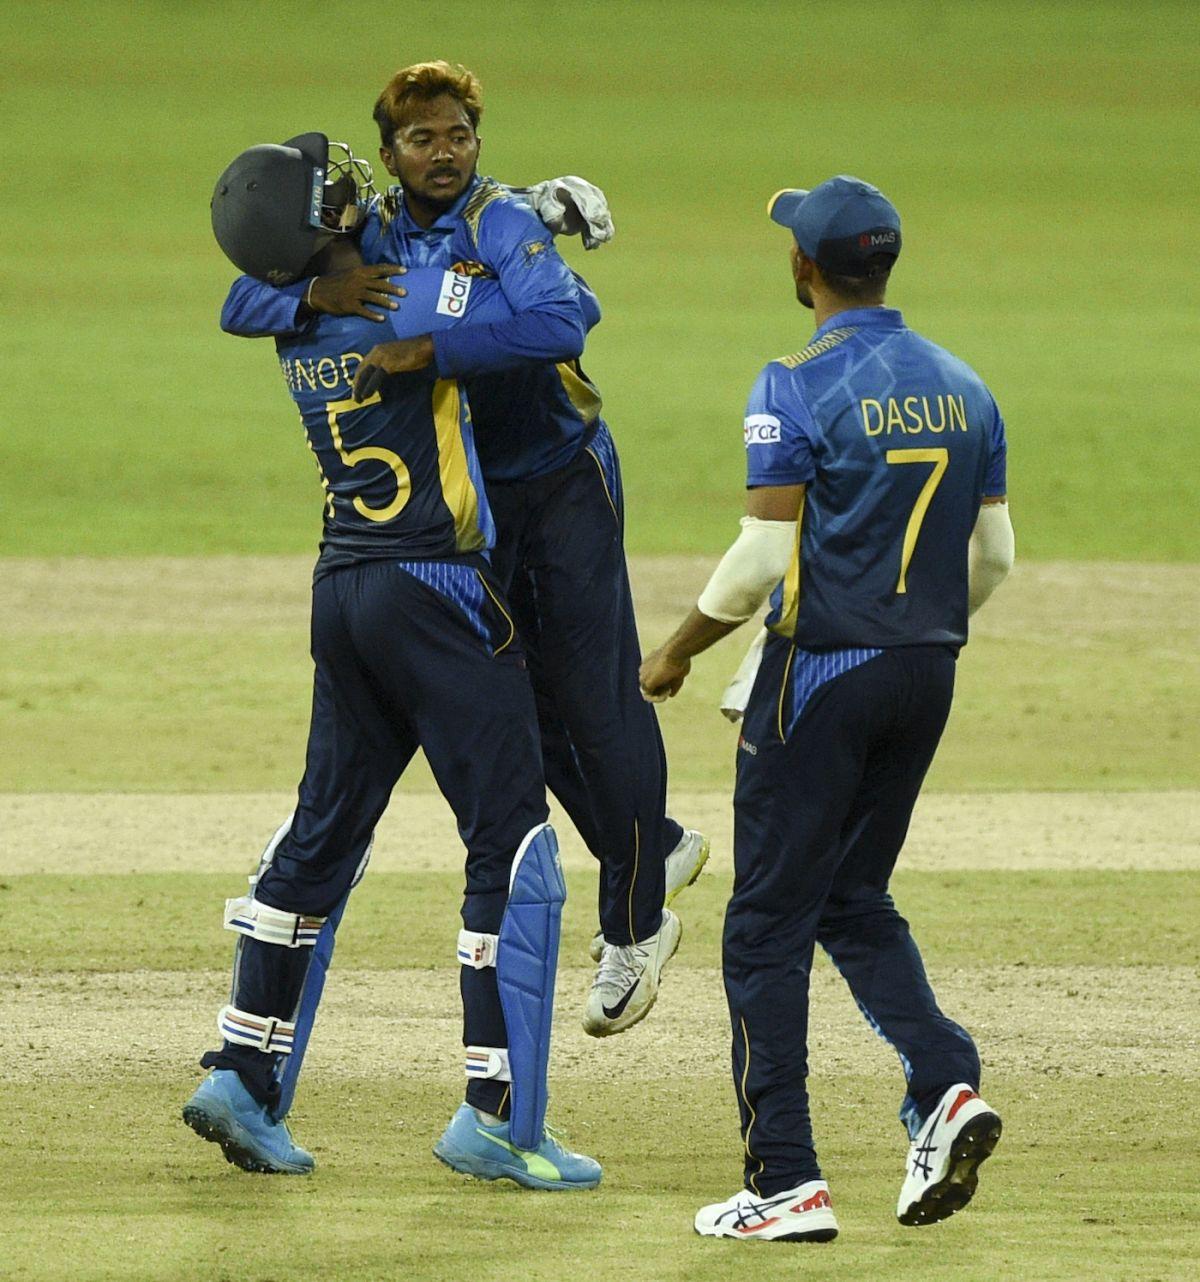 Akila Dananjaya struck a couple of crucial blows, Sri Lanka vs South Africa, 1st ODI, Colombo, September 2, 2021